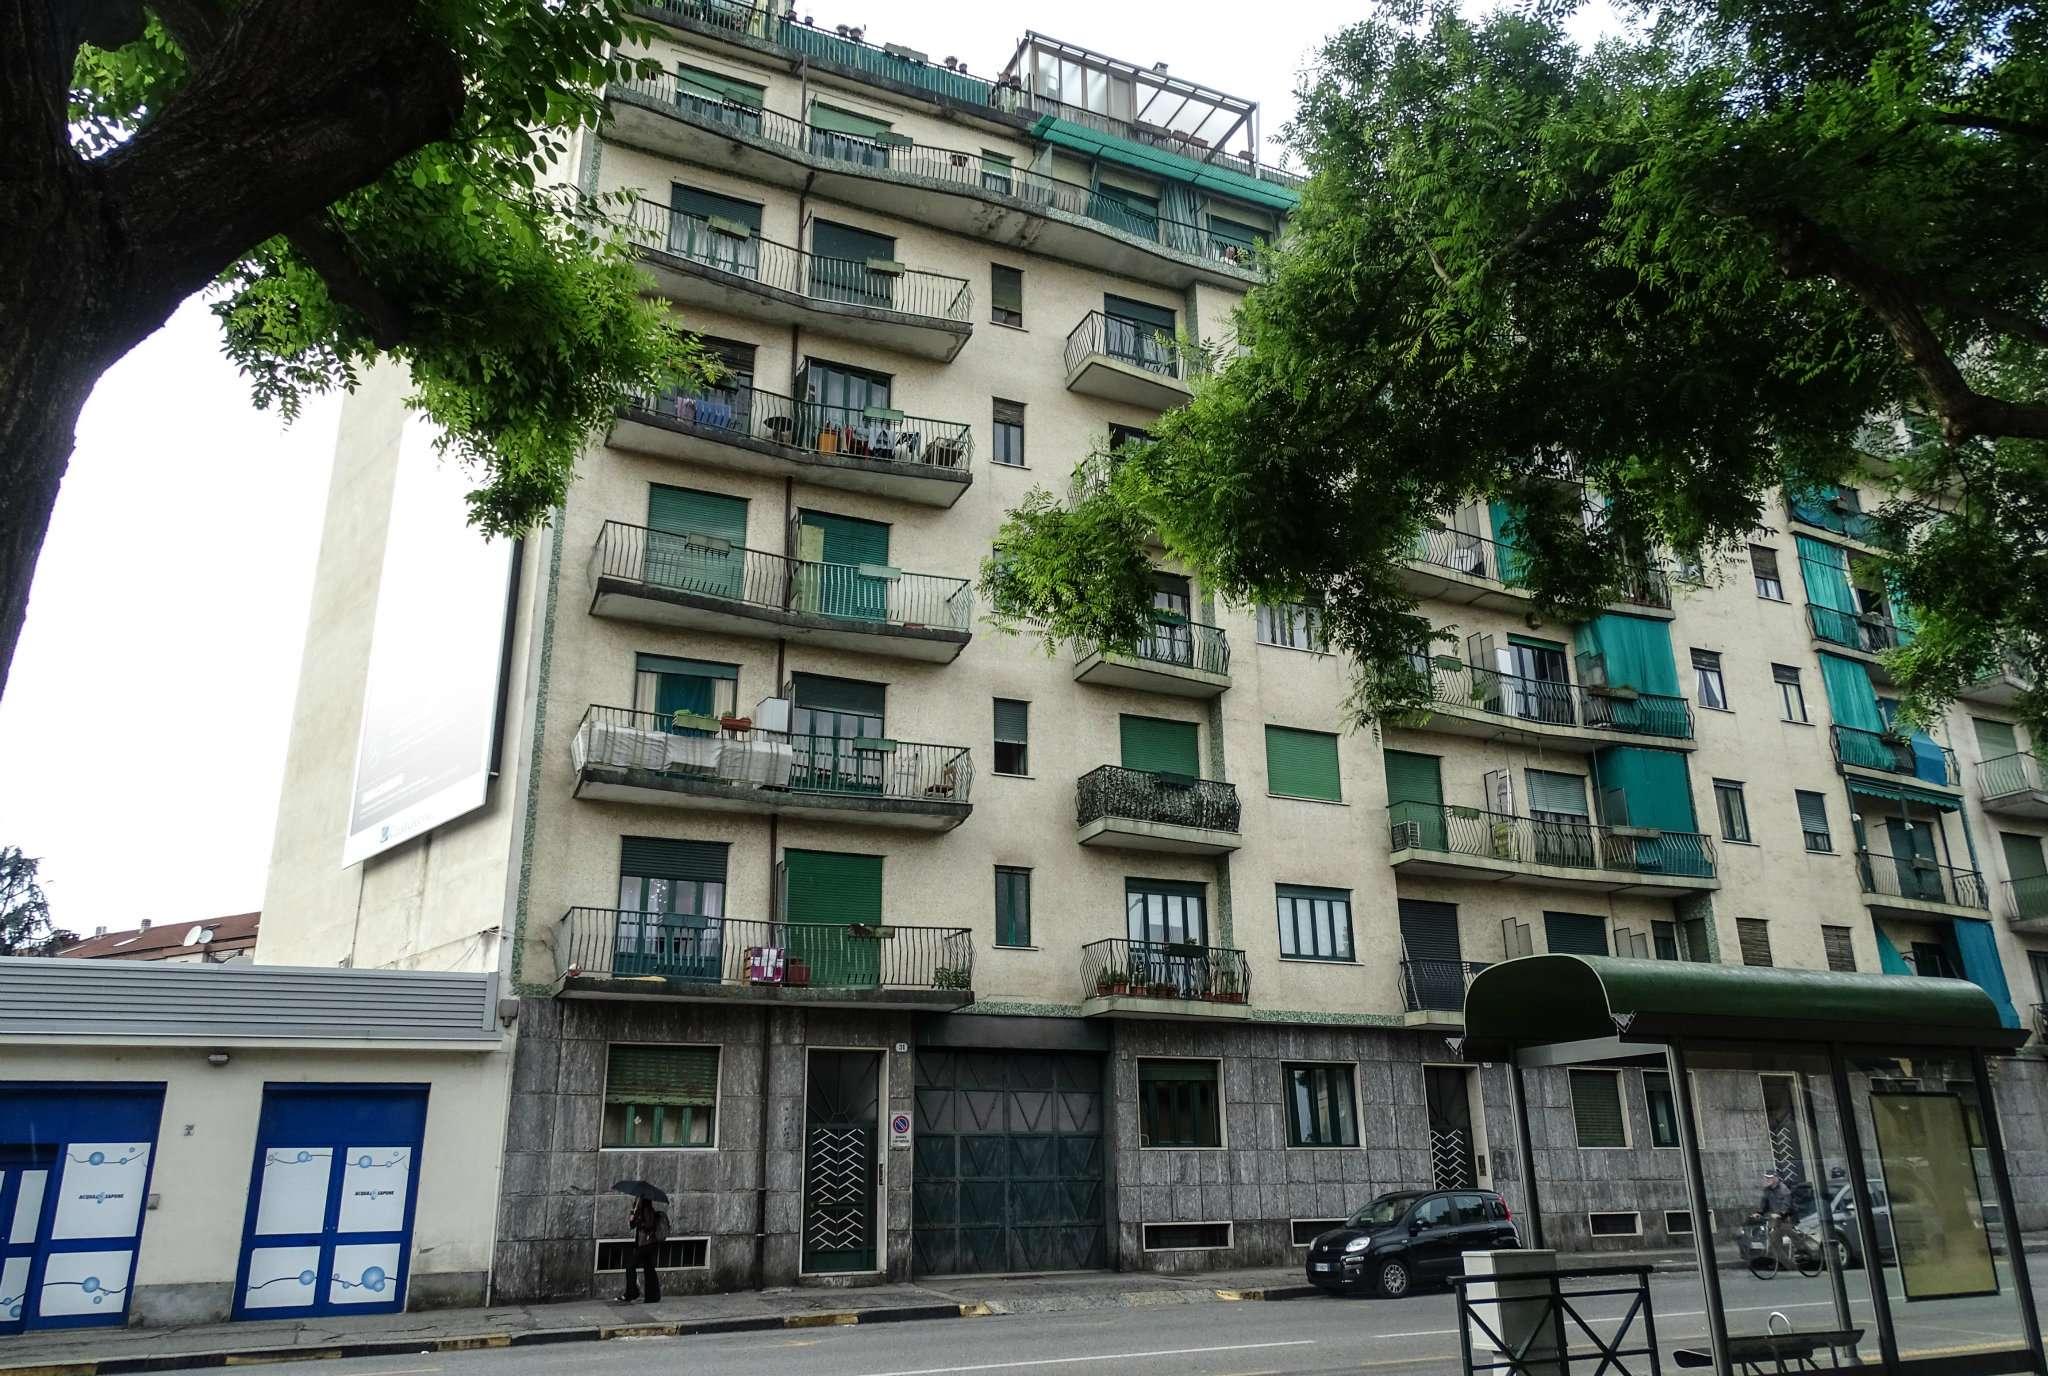 Immagine immobiliare Appartamento in vendita di tre locali in Via Muzio Clemente 31, Barriera di Milano, Aurora Proponiamo in vendita appartamento di circa 70 mq. sito al piano terzo in condominio anni '60 con servizio di ascensore. L'unità è...